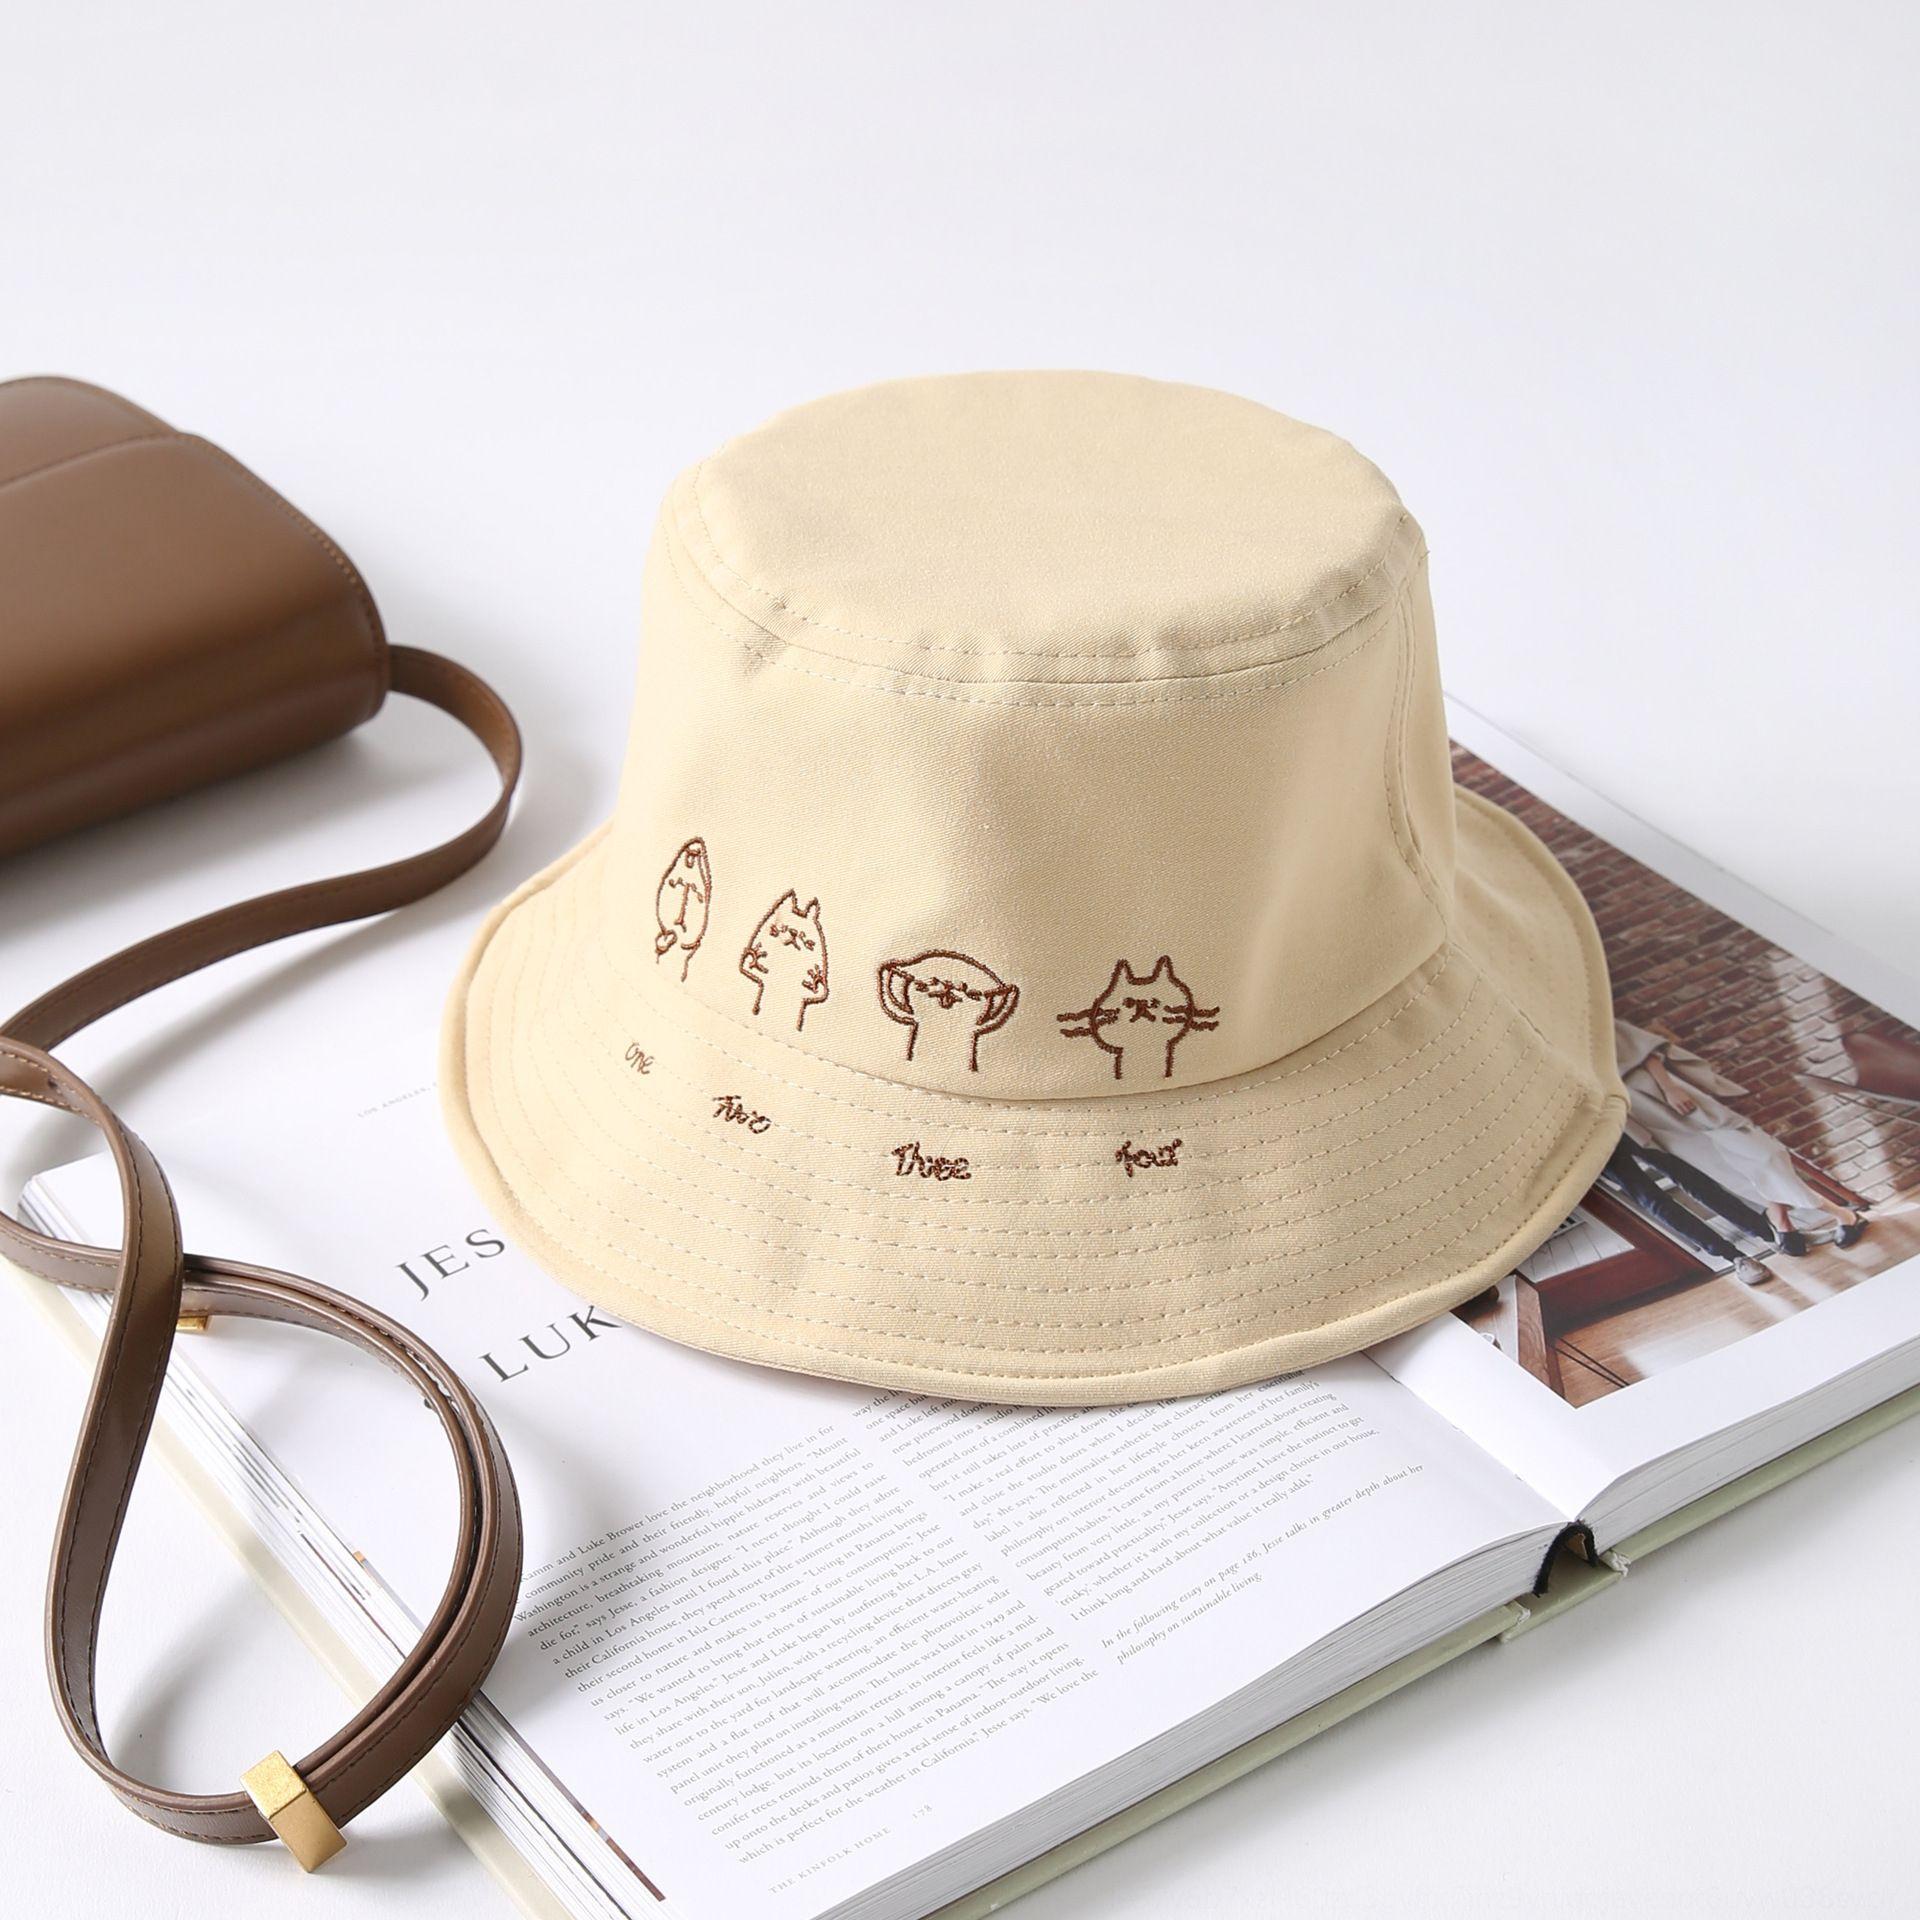 ins Balde para bordado moderno chapéu de sol chapéu bonito feminino pescador pescador bordados gato bacia filtro solar